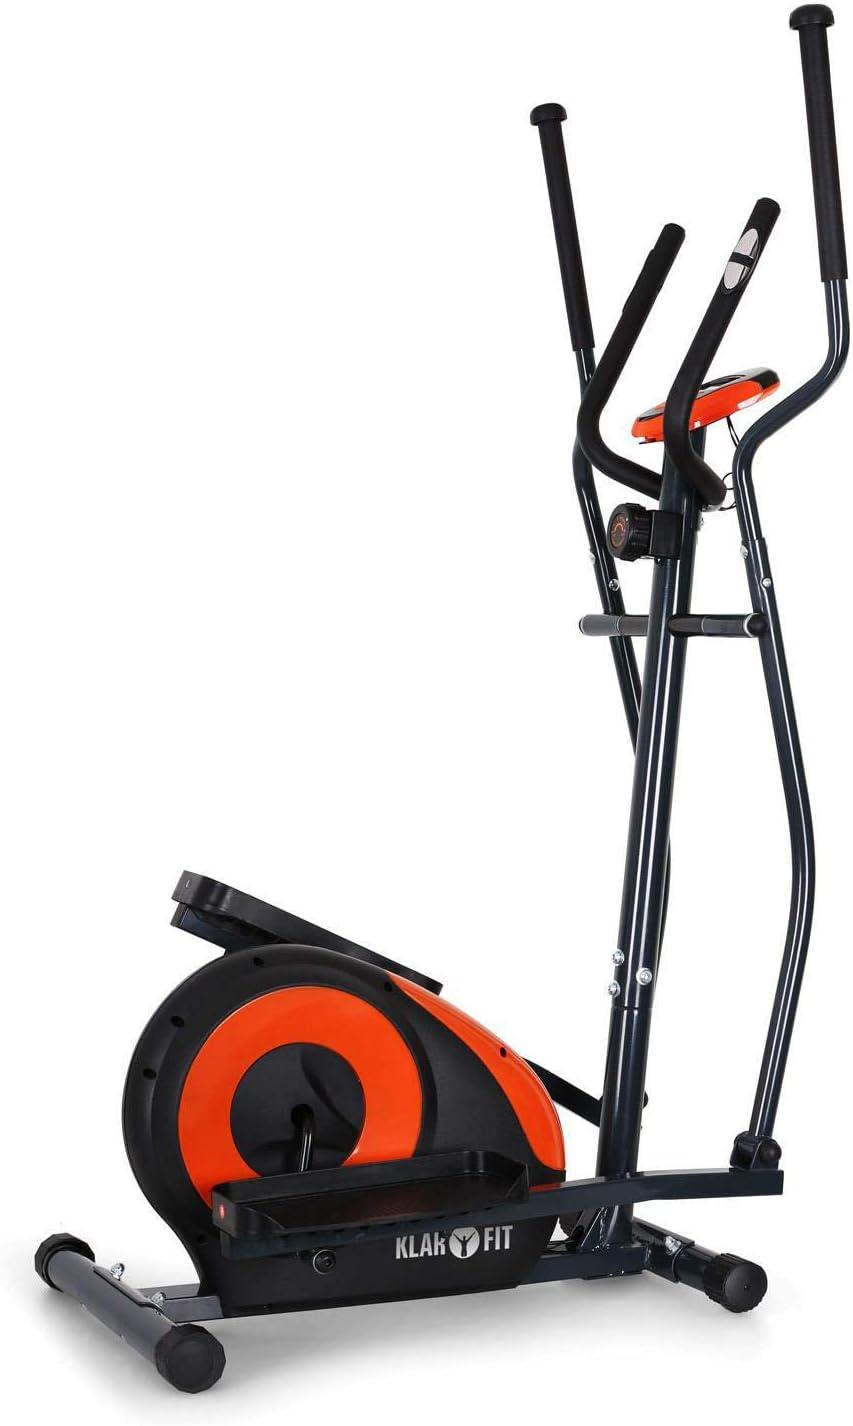 KLAR FIT Klarfit Ellifit FX 250 - Bicicleta de Cardio elíptica, 8 resistencias, Ordenador de Entrenamiento, Pulsómetro, Soportes Antideslizantes, hasta 110 kg, Set de Montaje